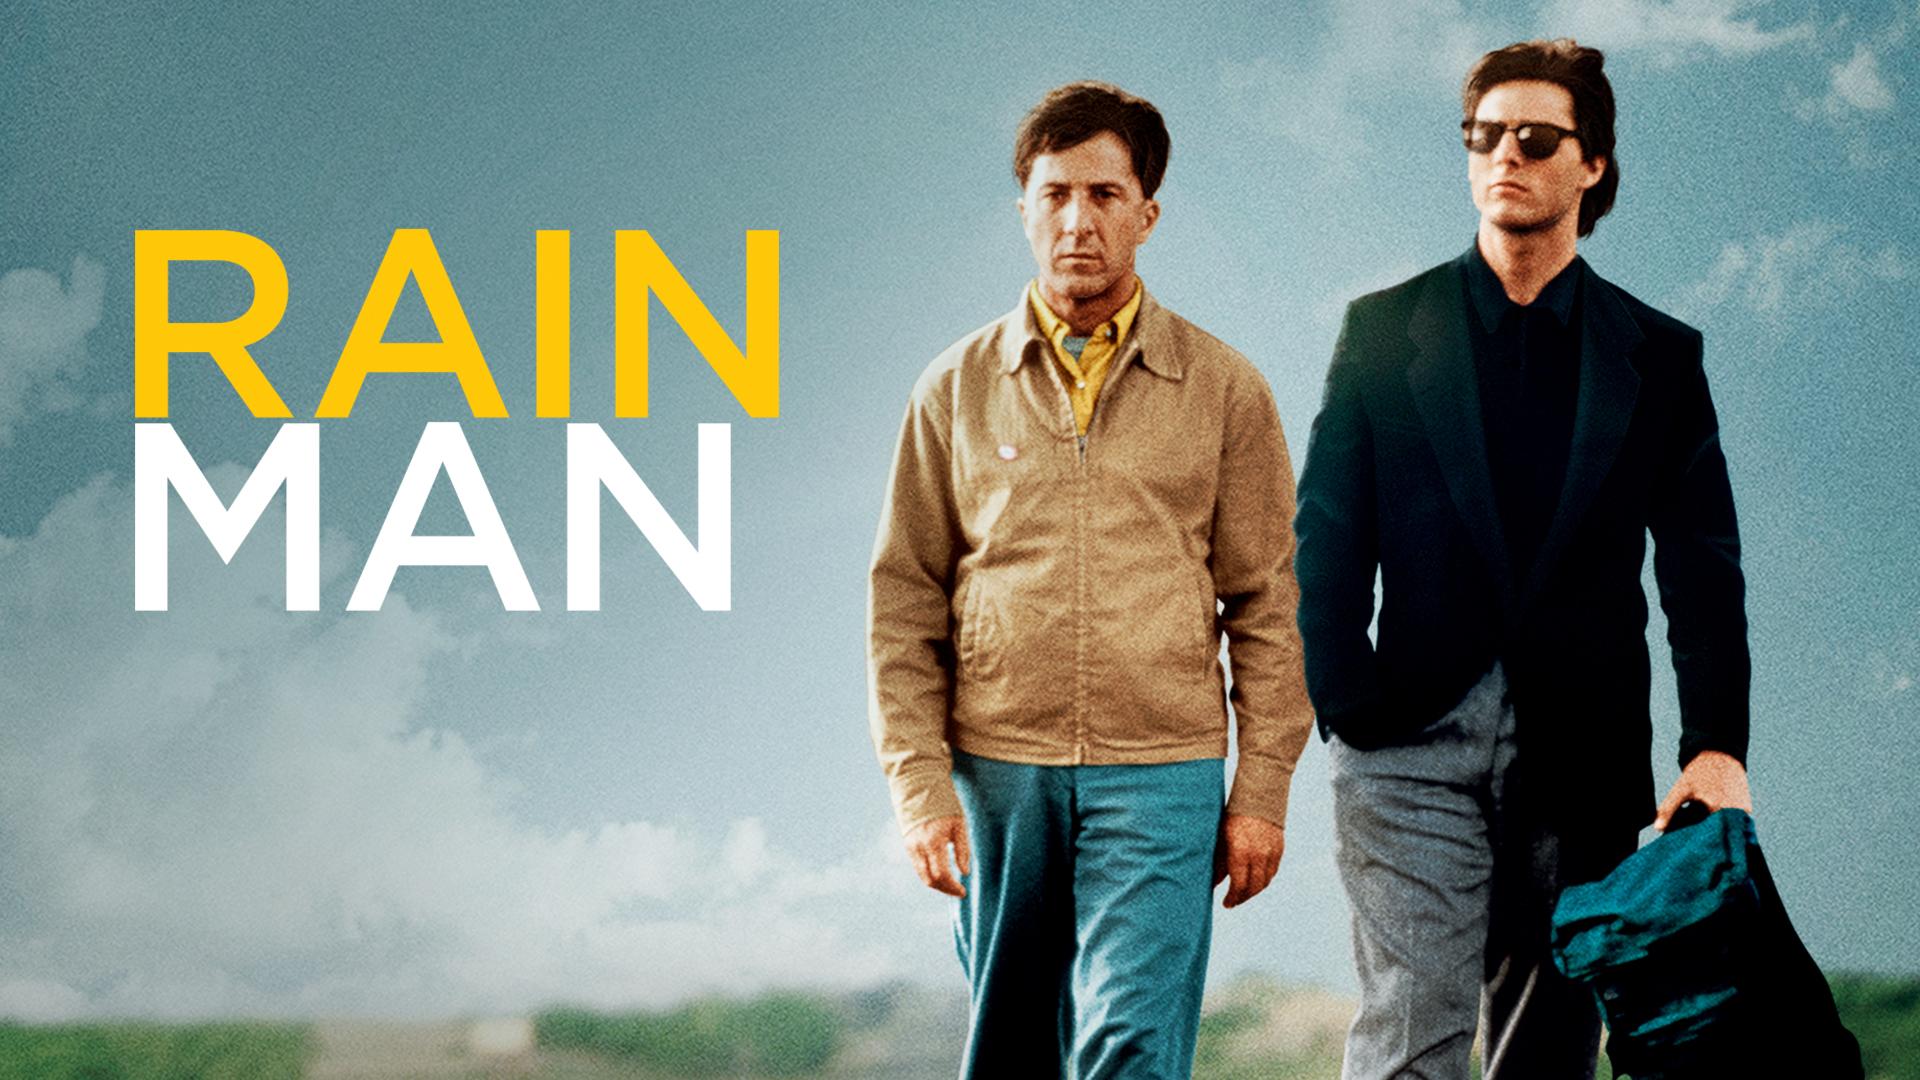 watch rain man movie online for free